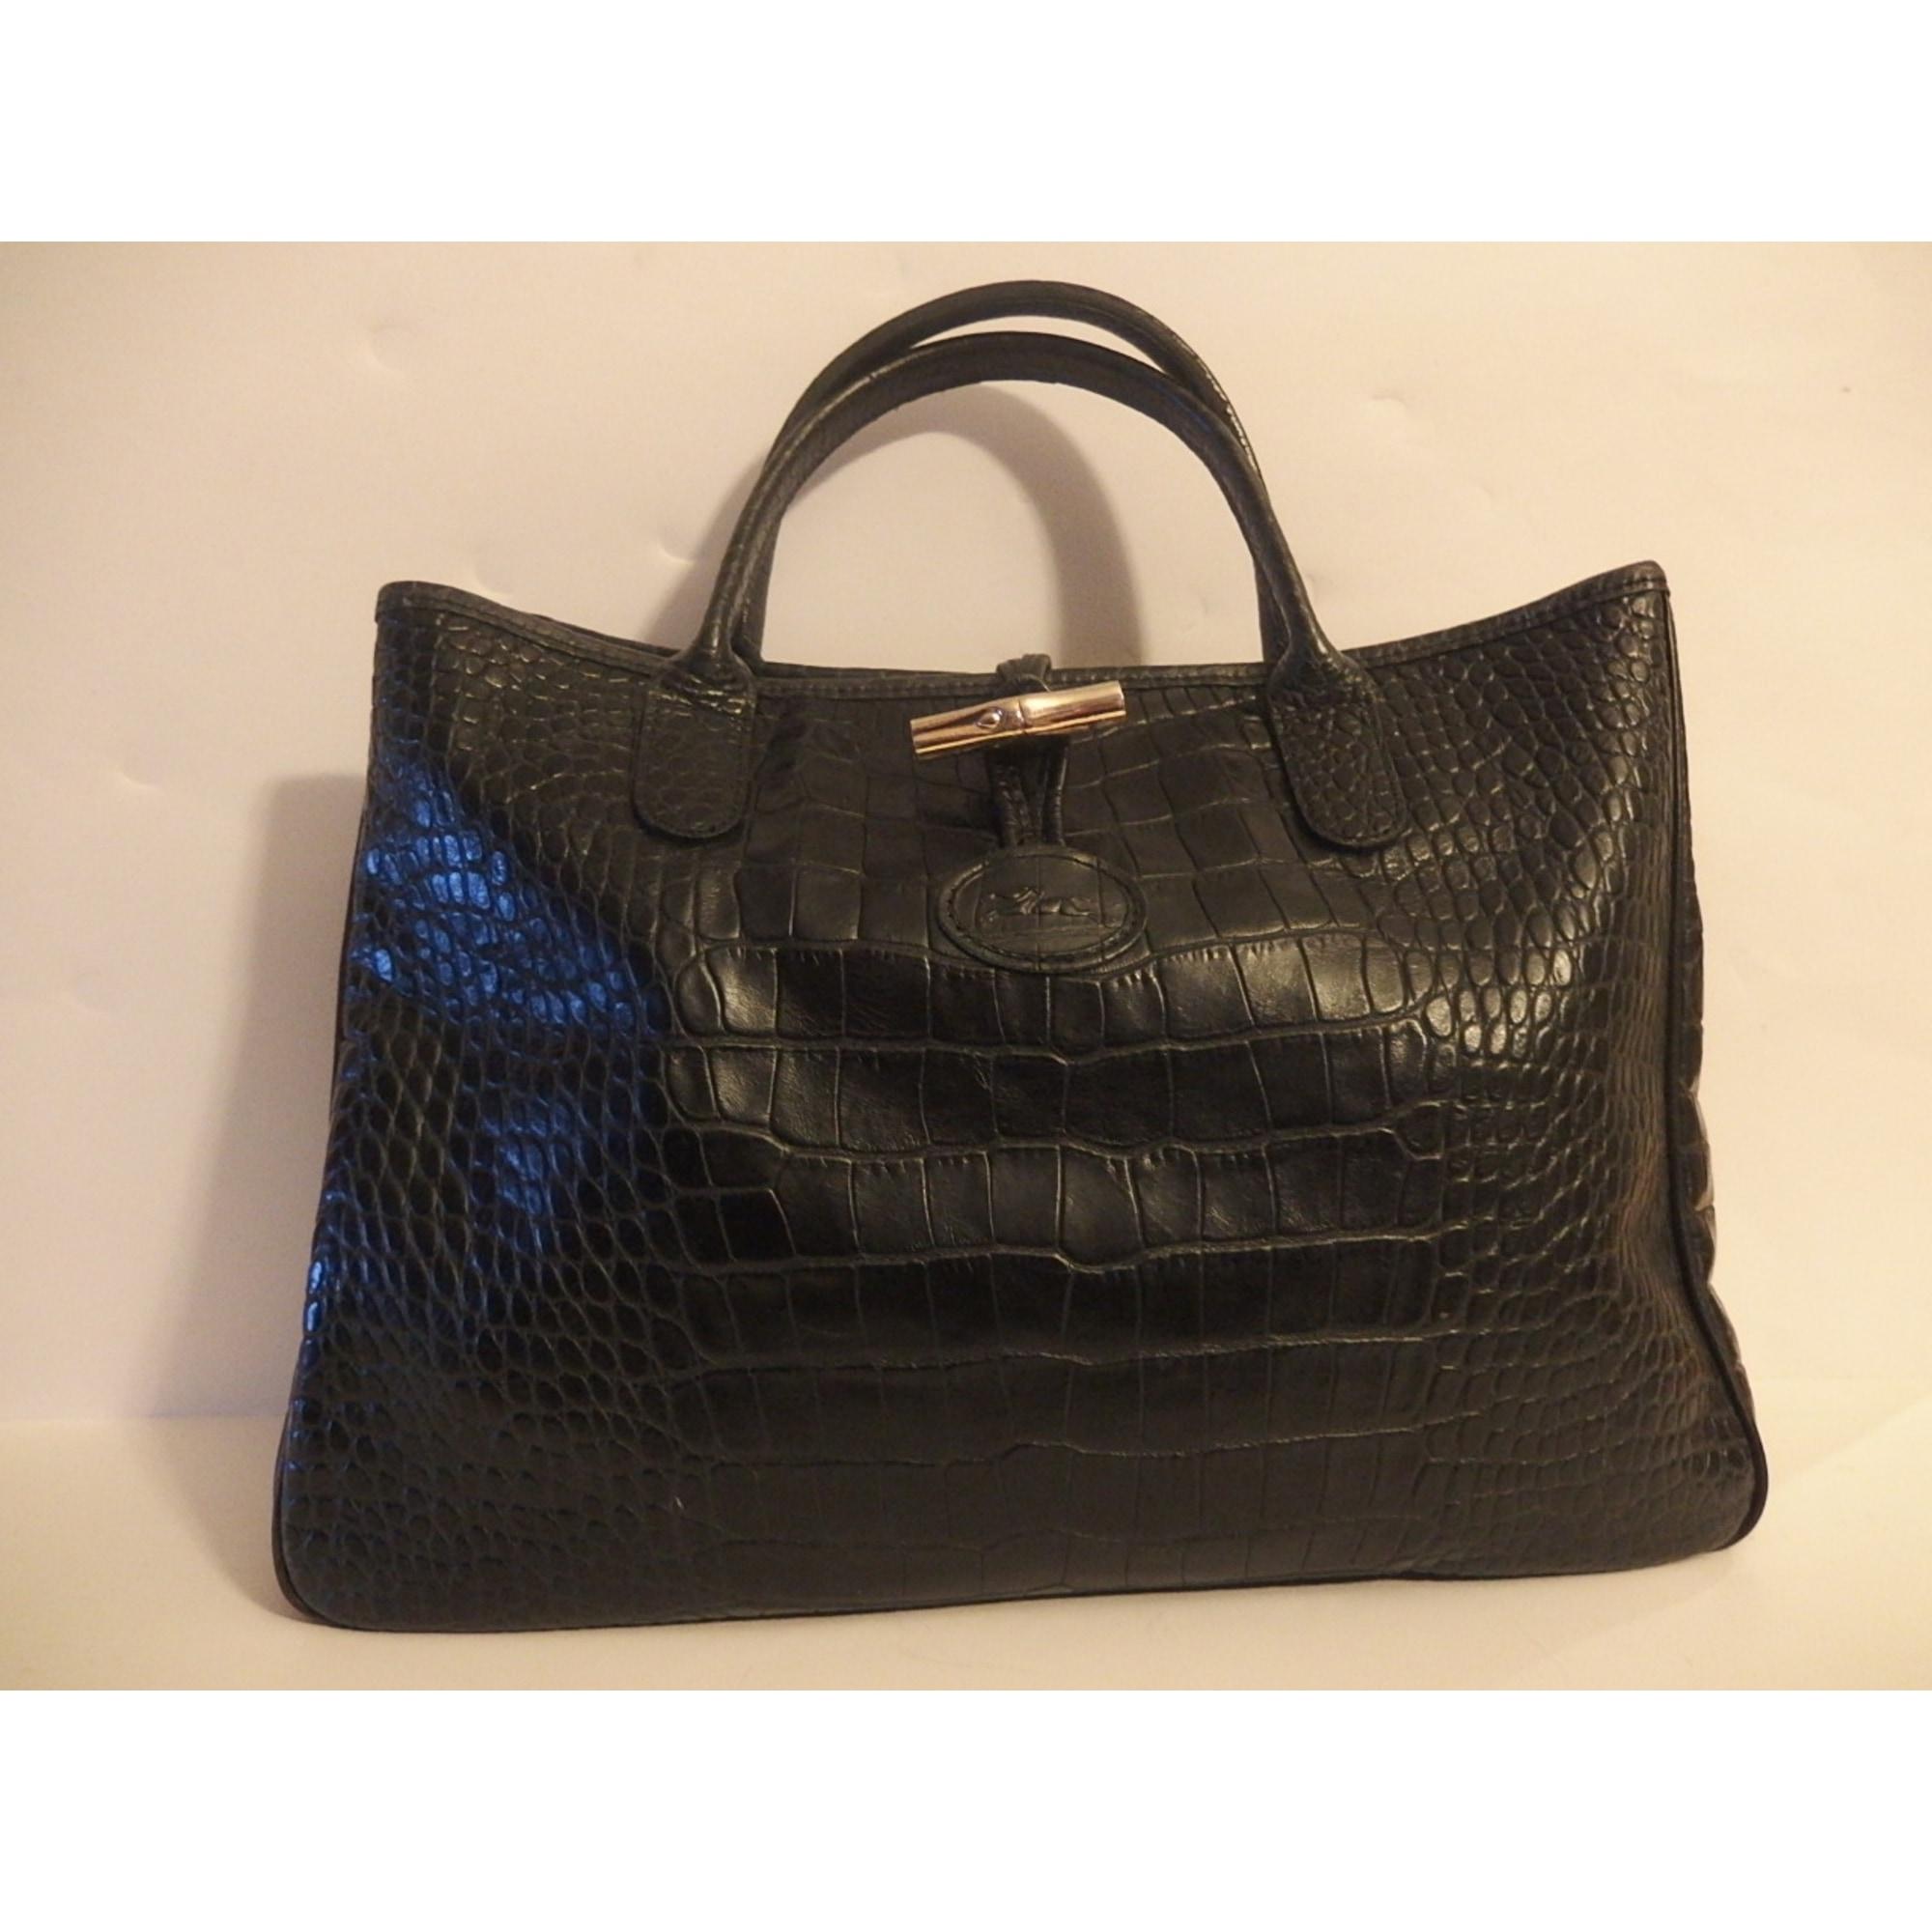 Sac à main en cuir LONGCHAMP noir vendu par Elise loubes - 3211037 2fcda0fff6c